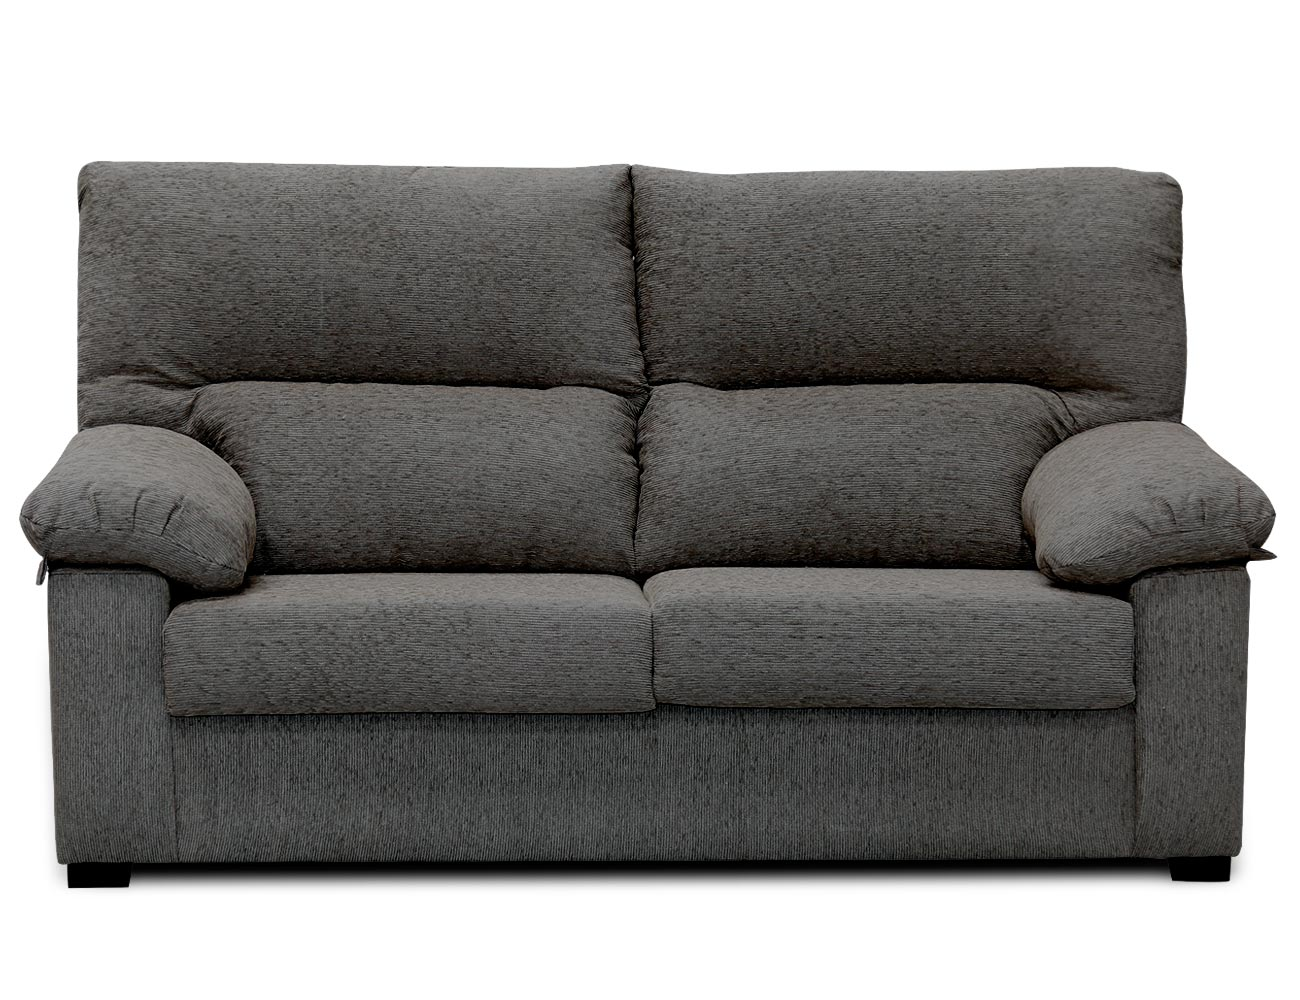 Sof de 3 plazas de calidad y buen precio 6500 factory del mueble utrera - Medidas sofa 3 plazas ...